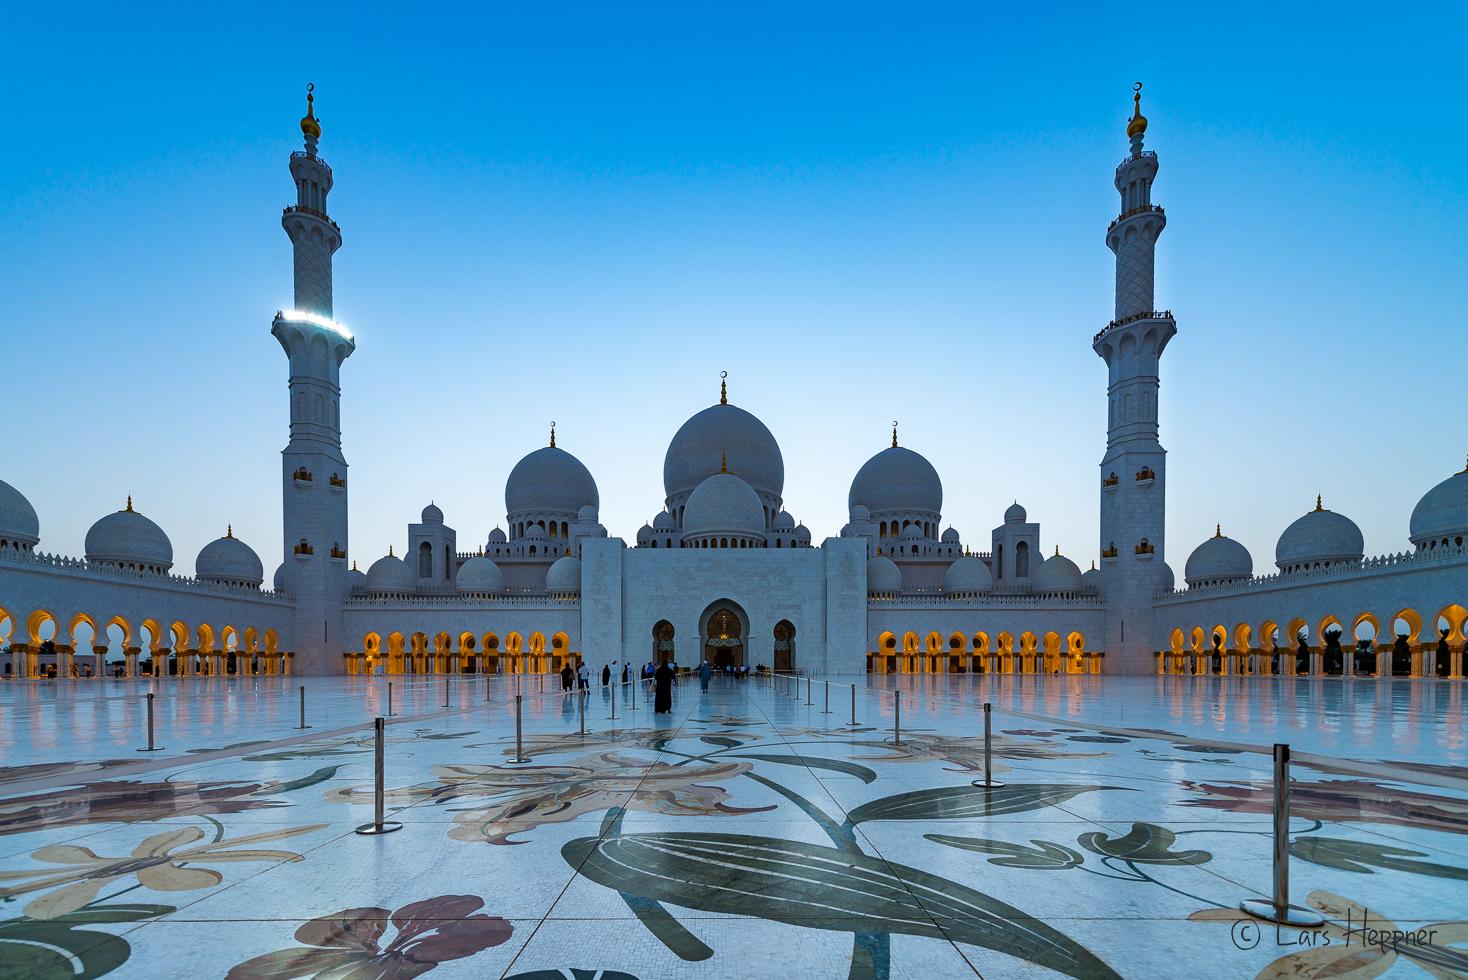 Reisetipp Abu Dhabi - Die Sheikh Zayid Moschee